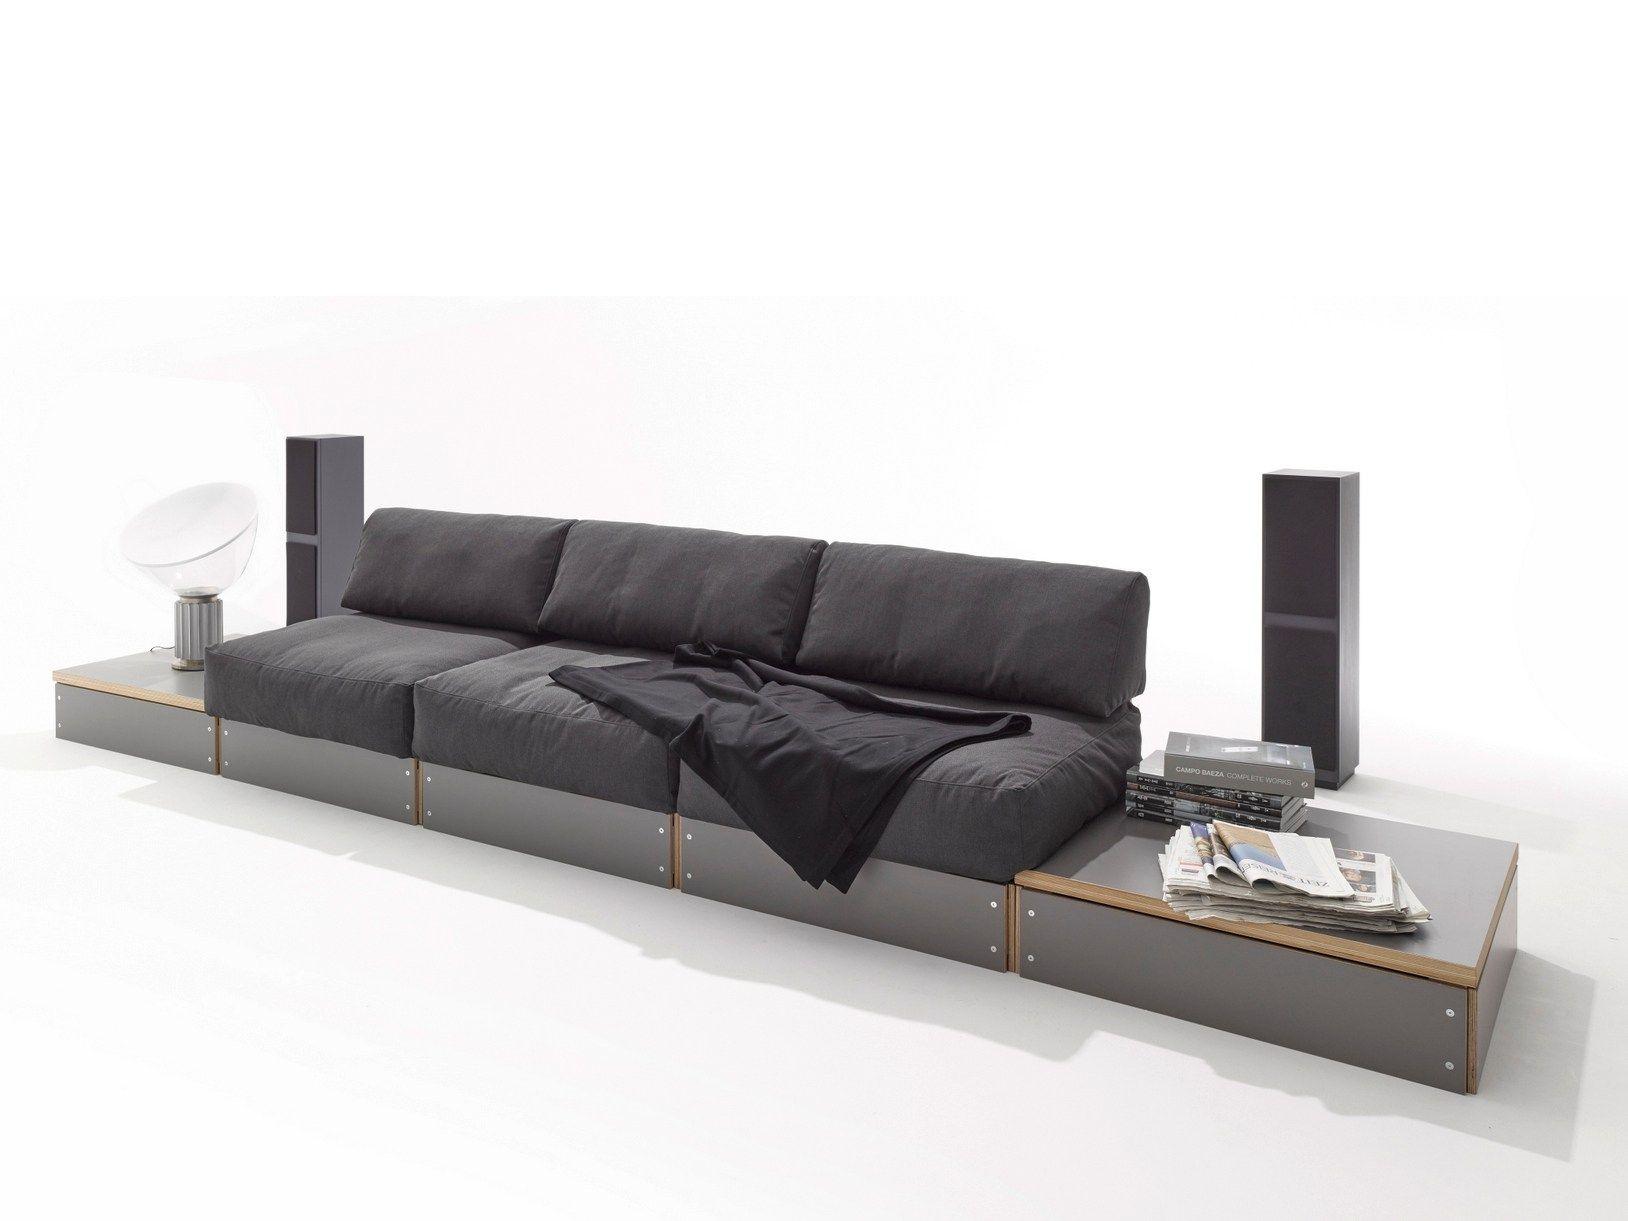 Modular sofa SOFABANK By Müller Möbelwerkstätten design Rolf Heide